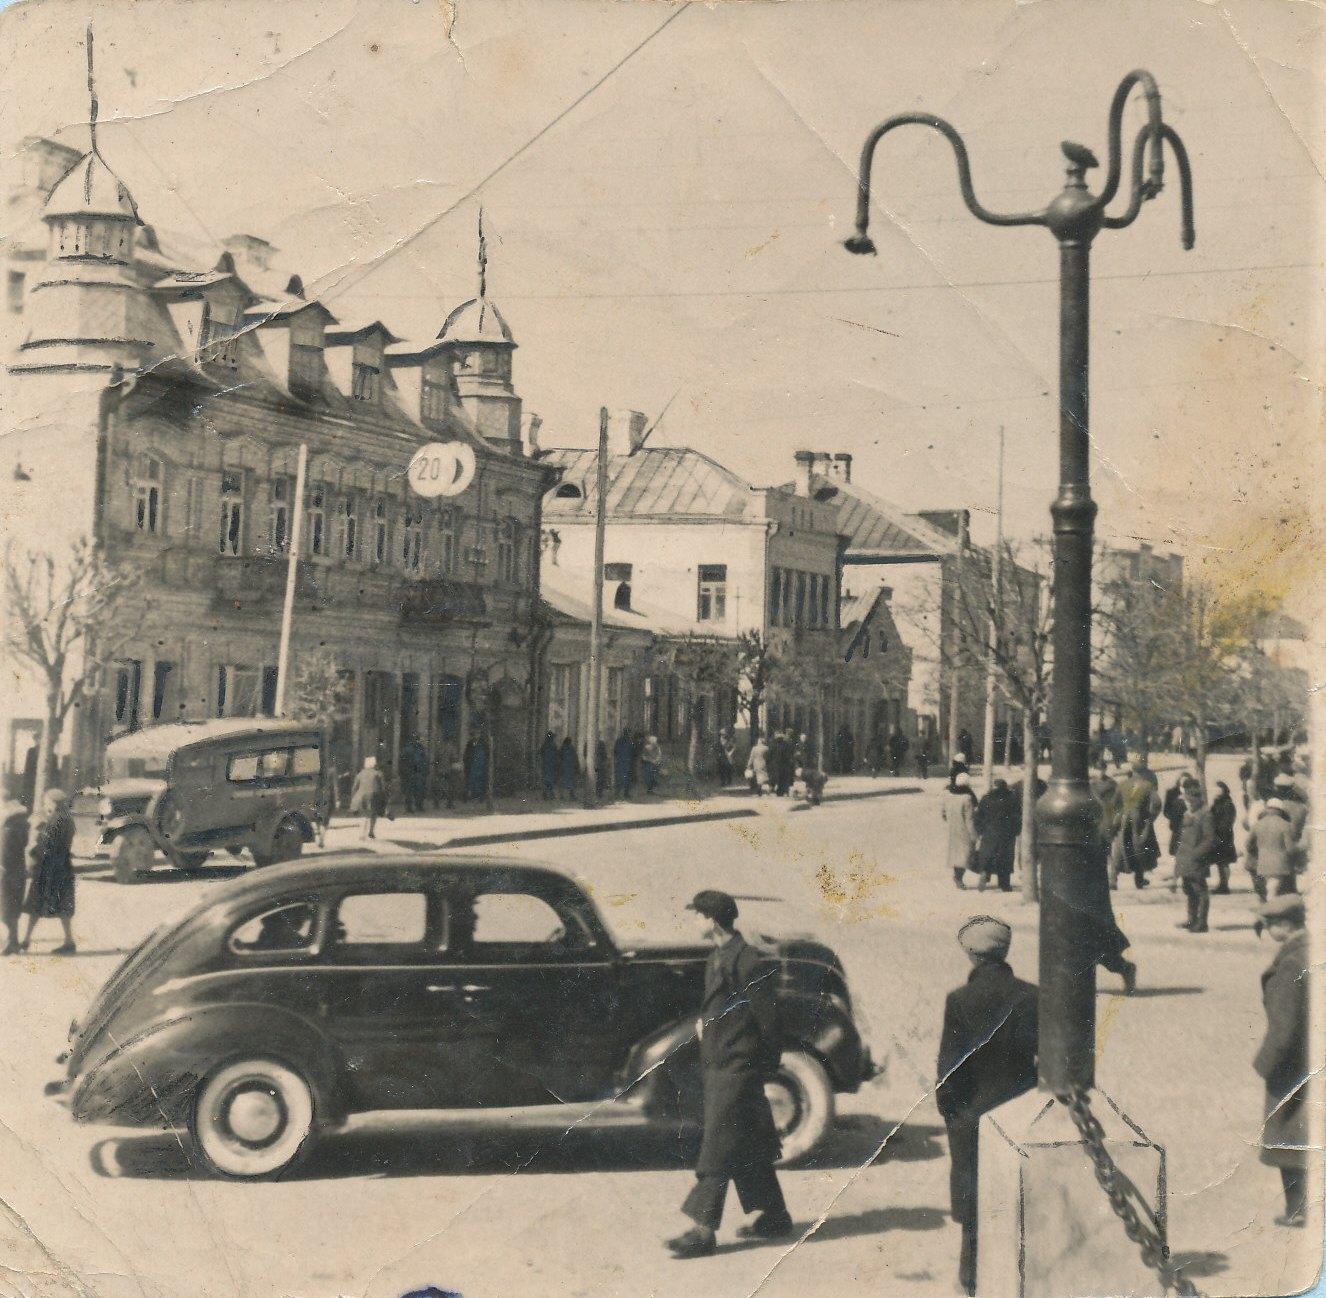 Улица Советская. Весна 1941 года (на снимке запечатлена центральная улица города за несколько месяцев до начала Великой Отечественной войны). Фото: архив Барановичского краеведческого музея